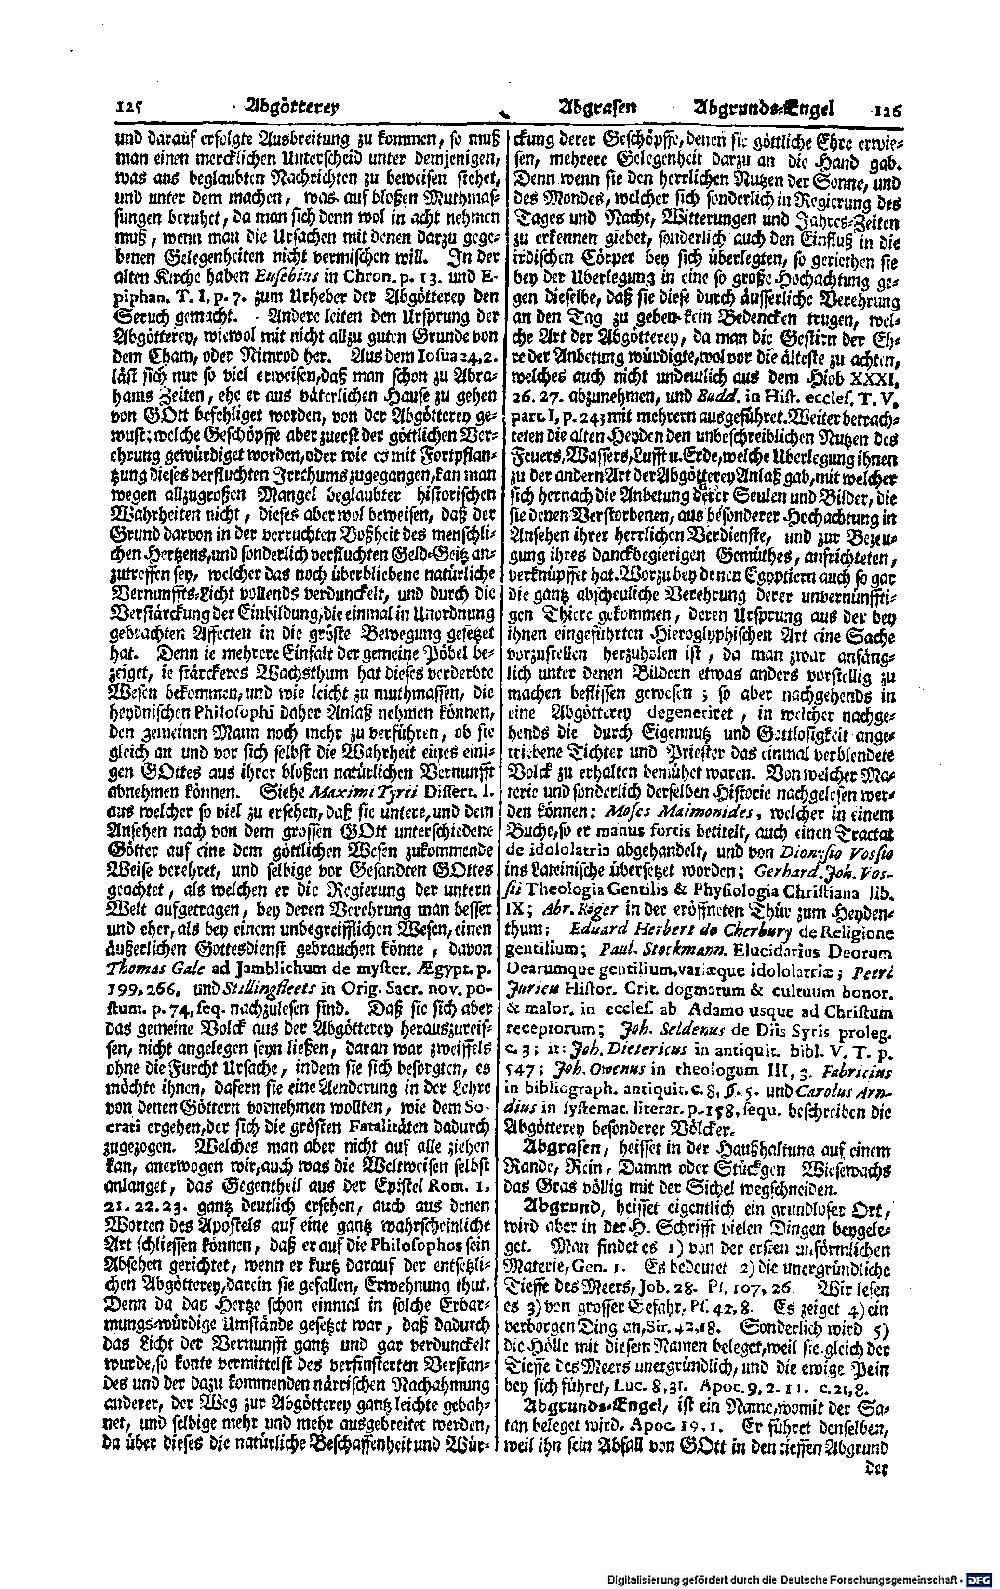 Bd. 01, Seite 0102.